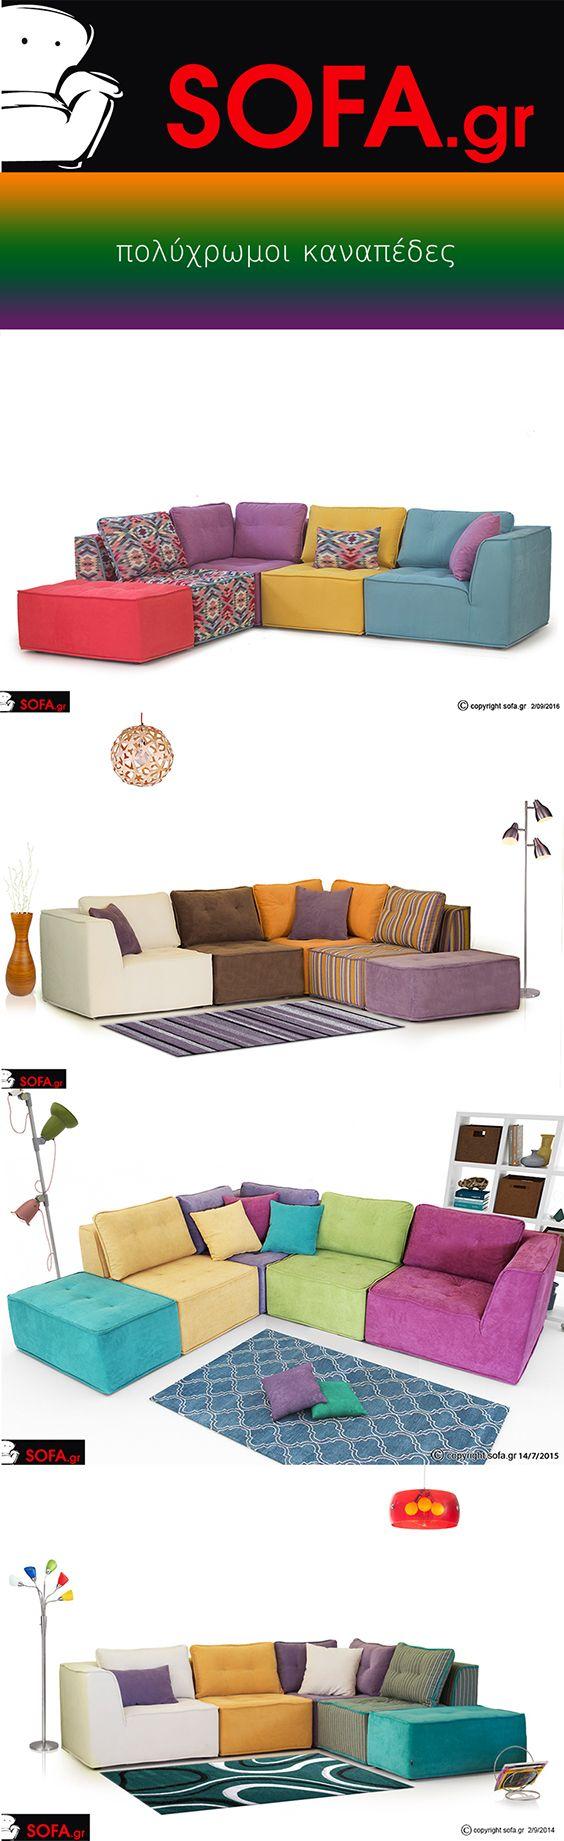 #πολύχρωμοι #καναπέδες και γιατί να τους επιλέξετε; #vintage #χρωματιστοί #γωνιακοί η καλύτερη επιλογή για το #σαλόνι.